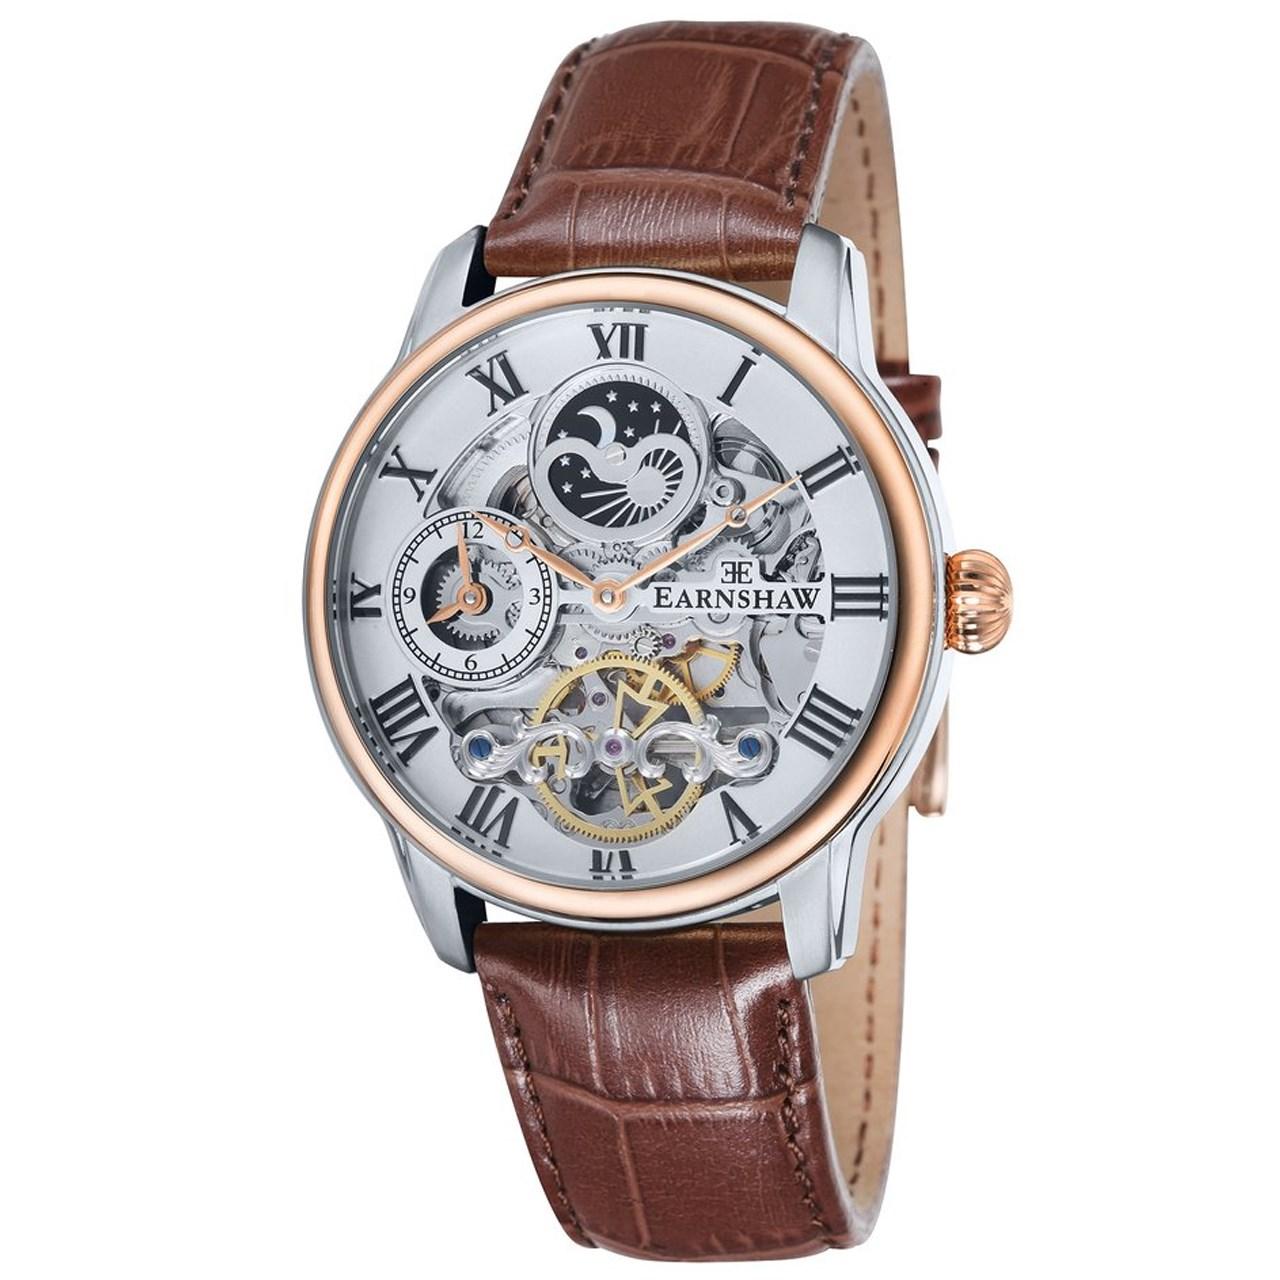 ساعت مچی عقربه ای مردانه ارنشا مدل ES-8006-03 41